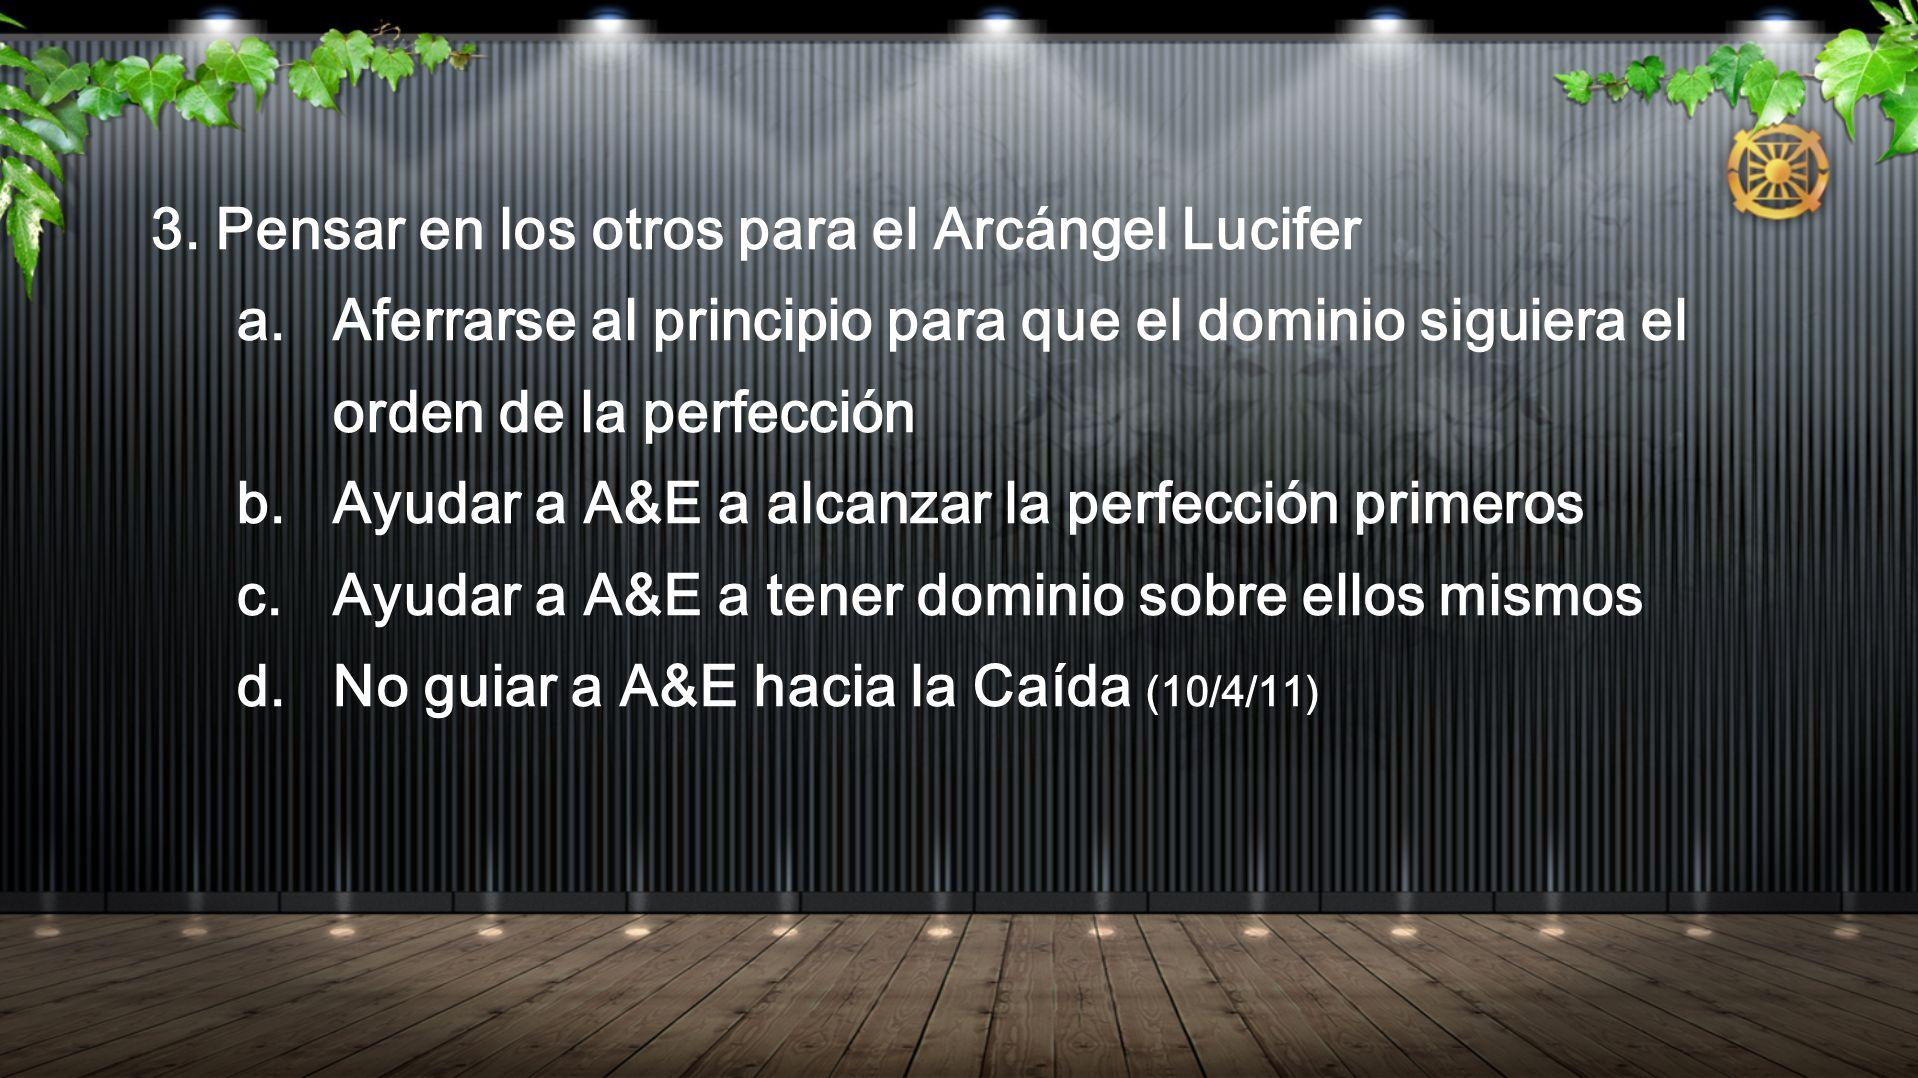 3. Pensar en los otros para el Arcángel Lucifer